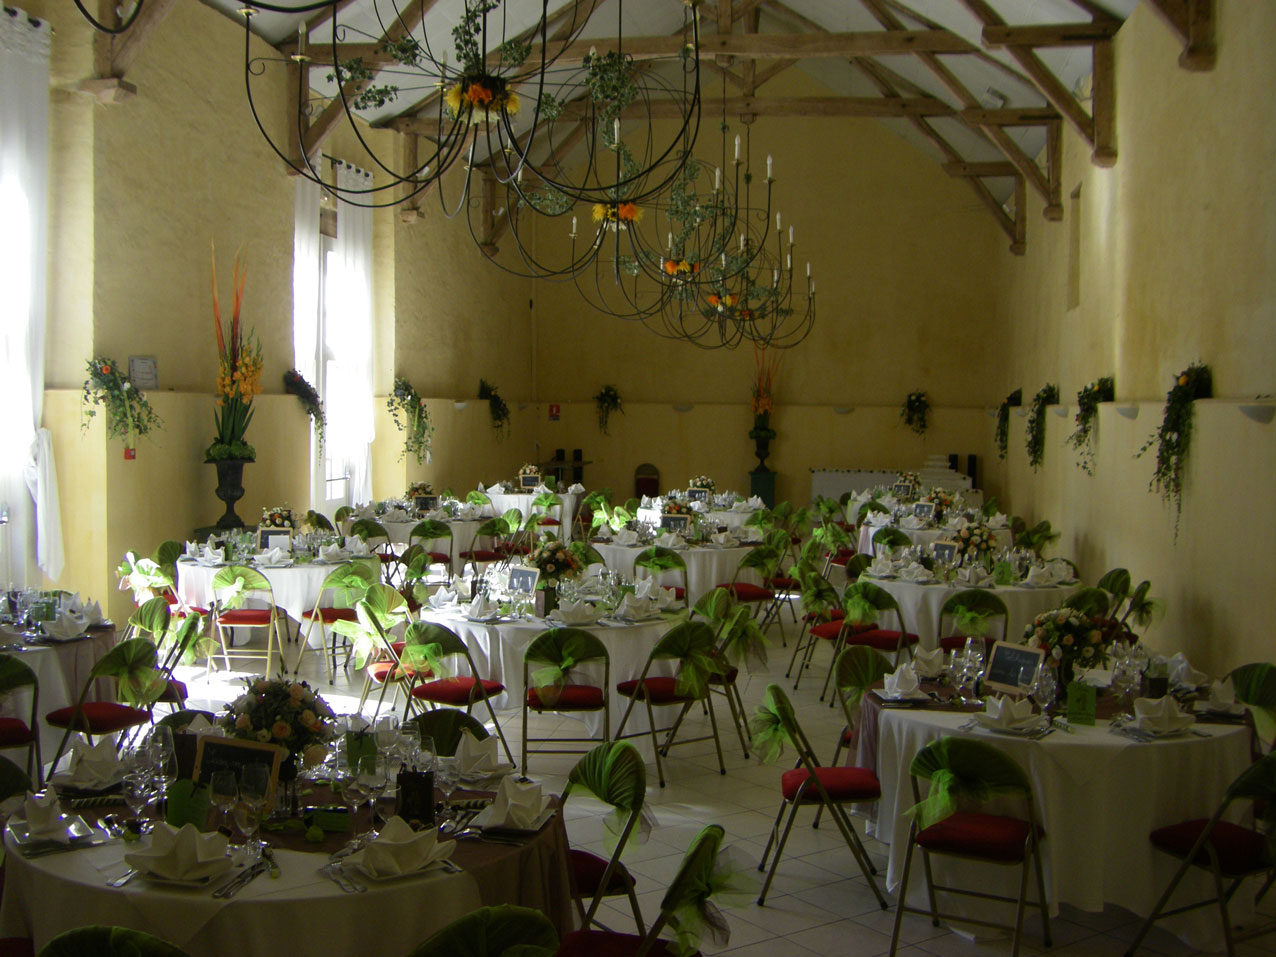 prieure-de-voulton-salle-de-mariage-77-seine-et-marne-facade-exterieure-millemariages